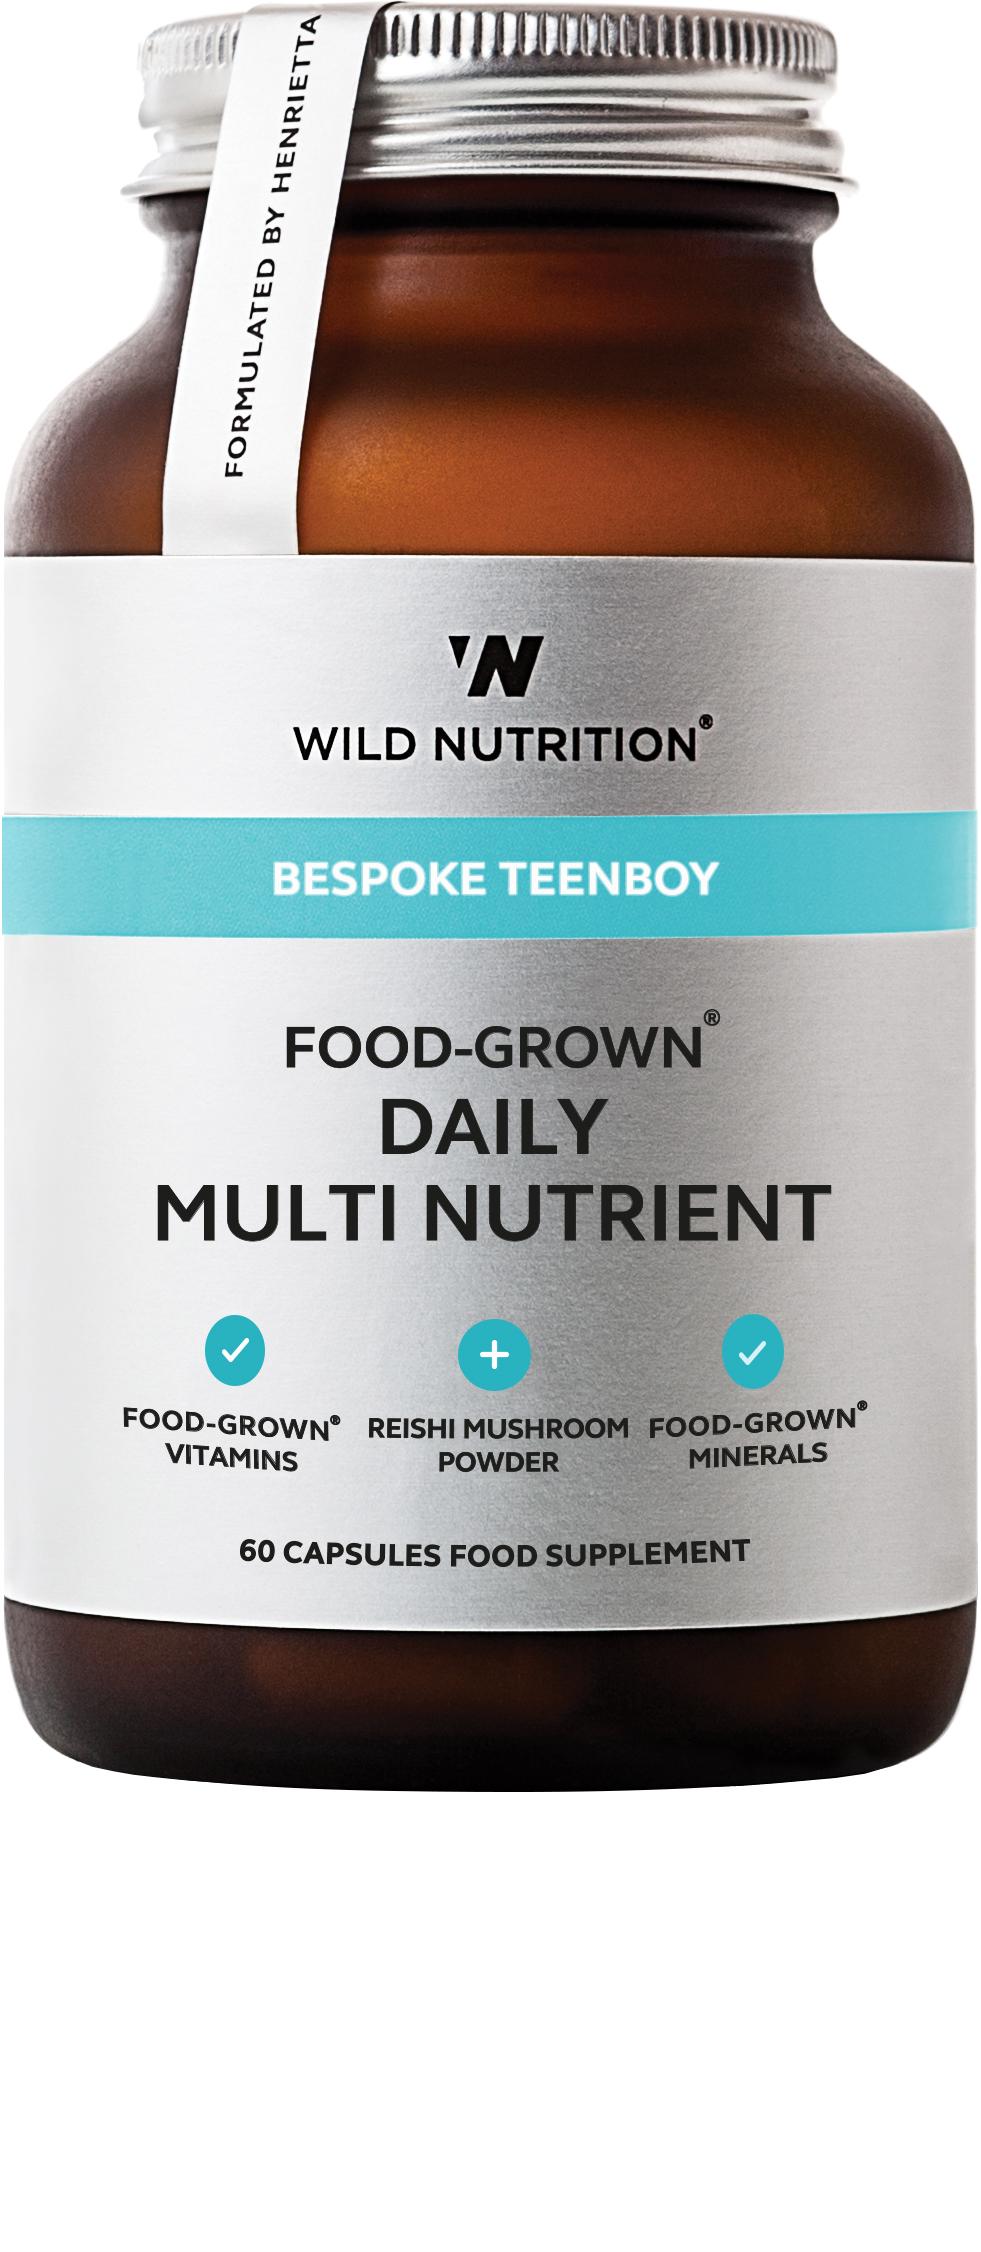 Bespoke TeenBoy Food-Grown Daily Multi Nutrient 60's